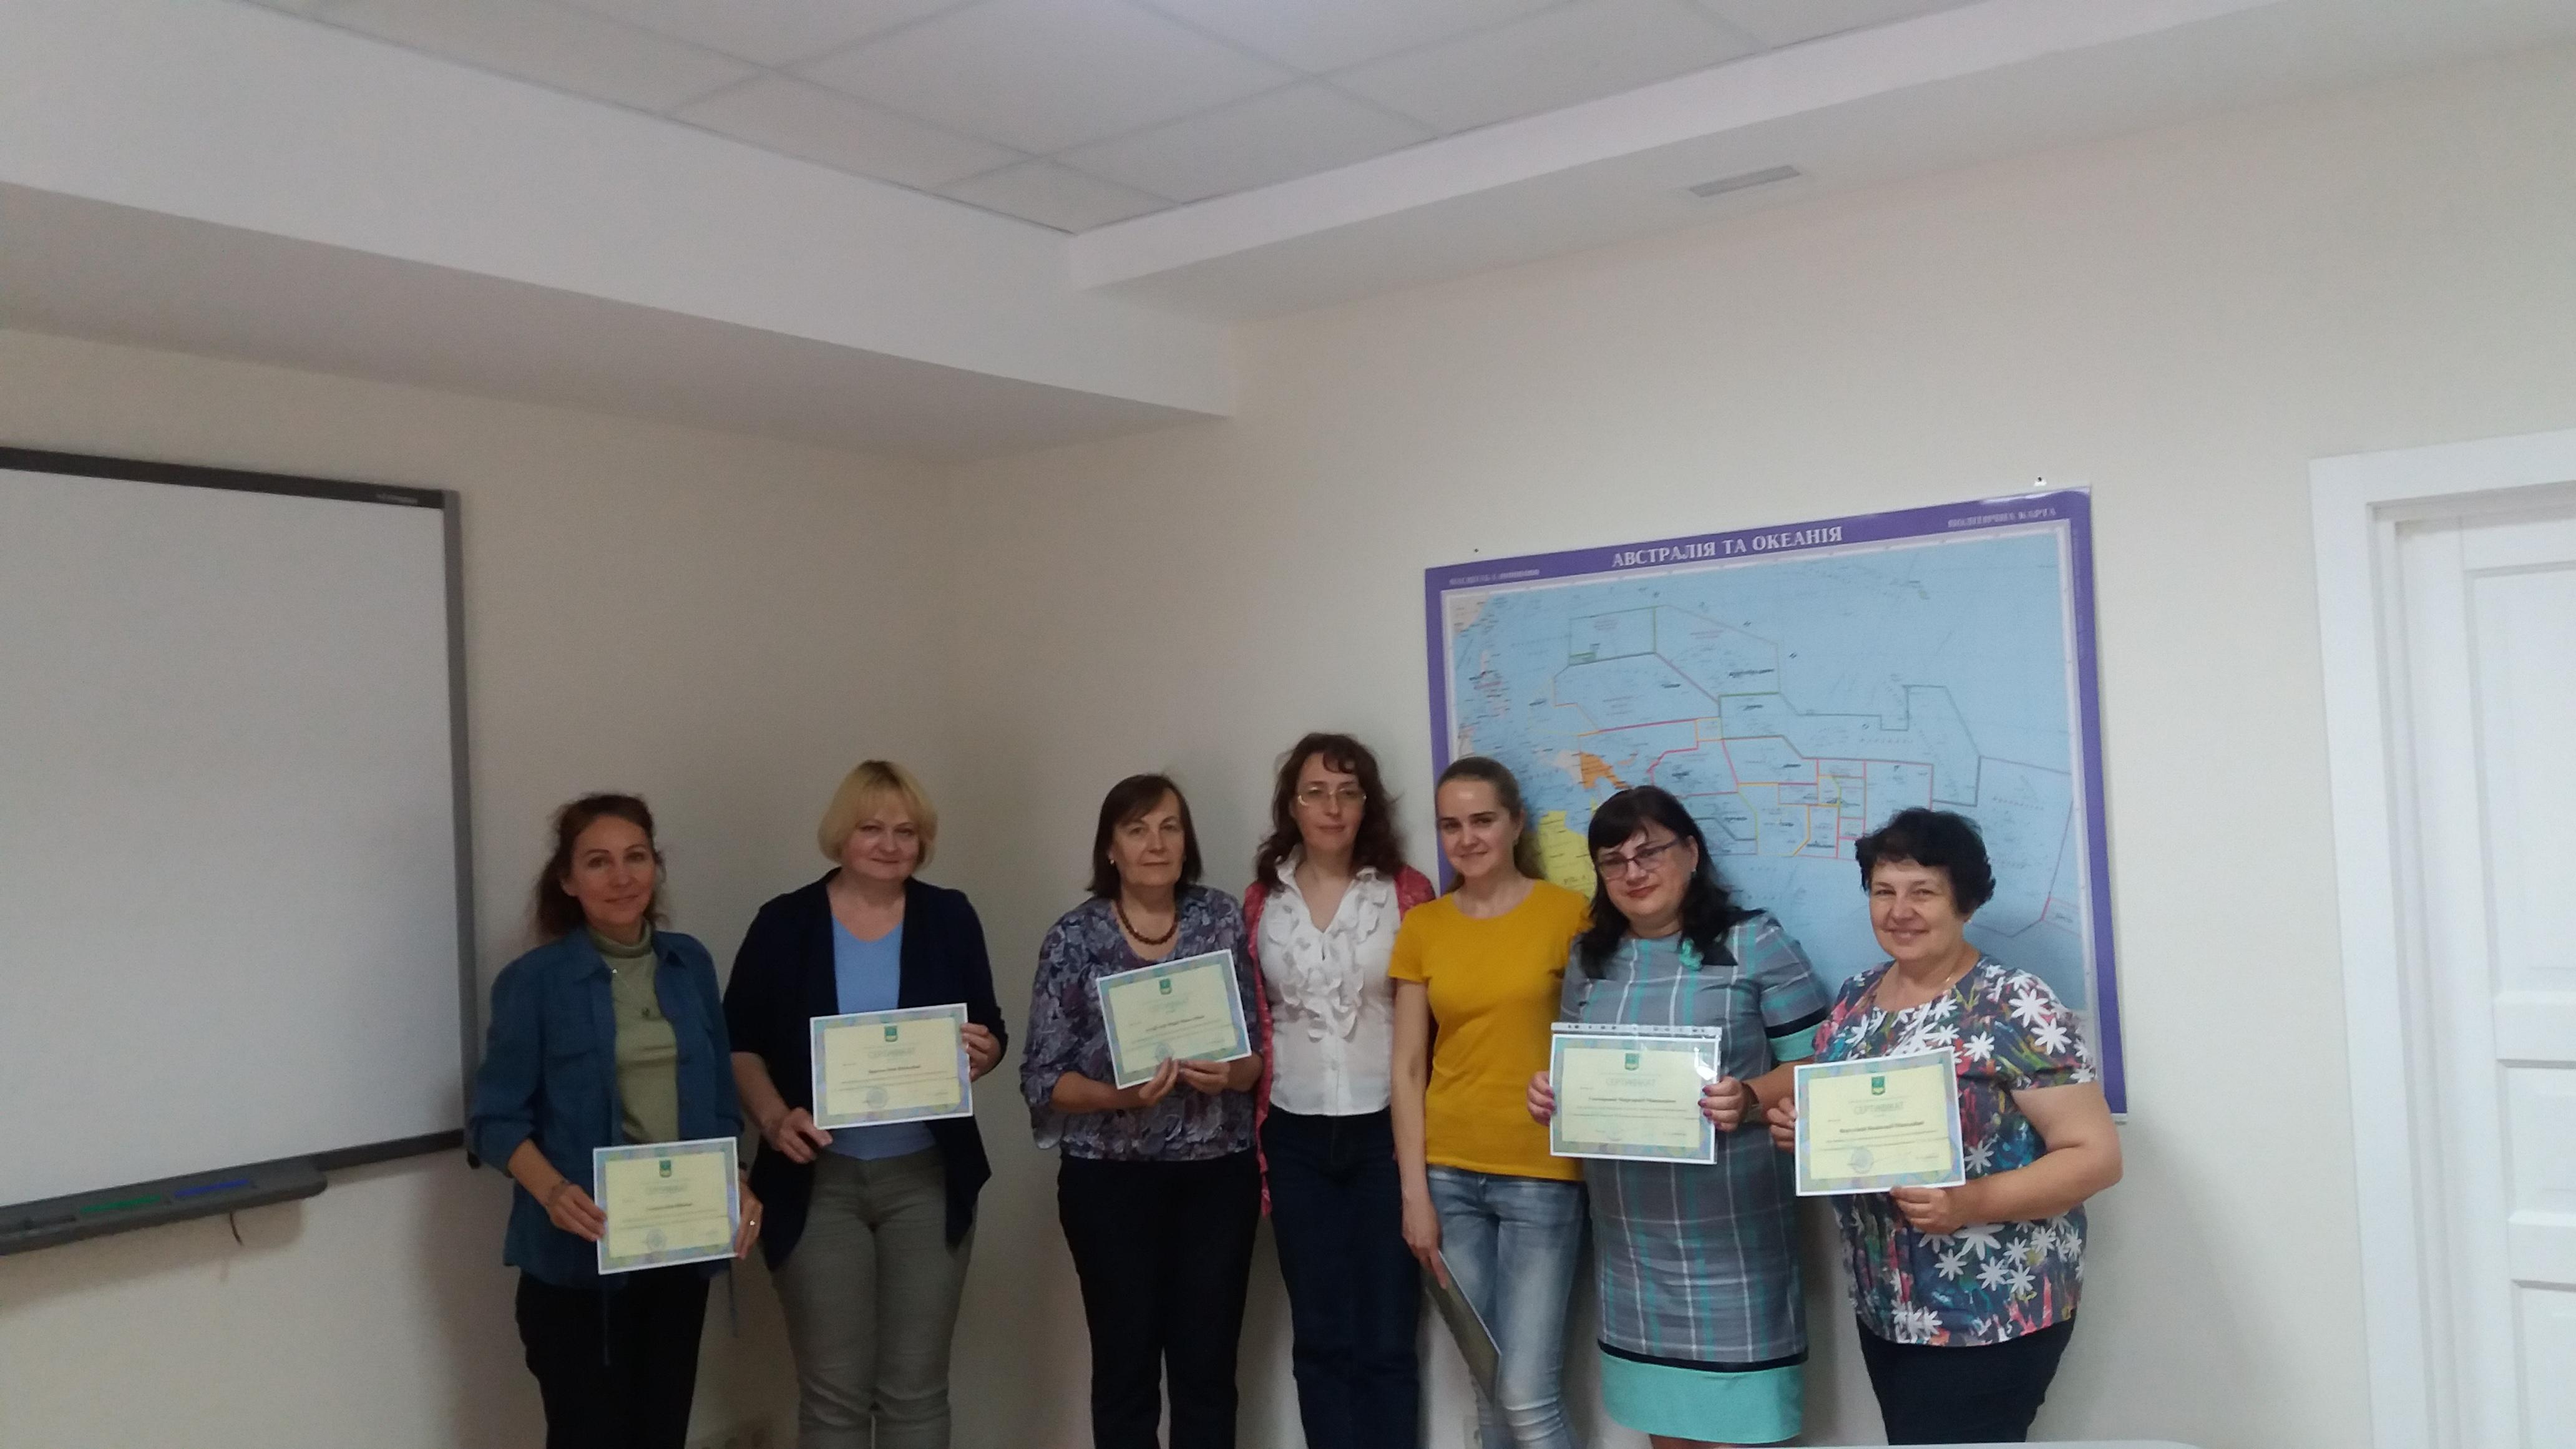 15 травня 2018 р. учасники програми «Польська мова» отримали сертифікати  про проходження першої частини курсу і продовжують удосконалювати іншомовну  ... 4002b05417ce2